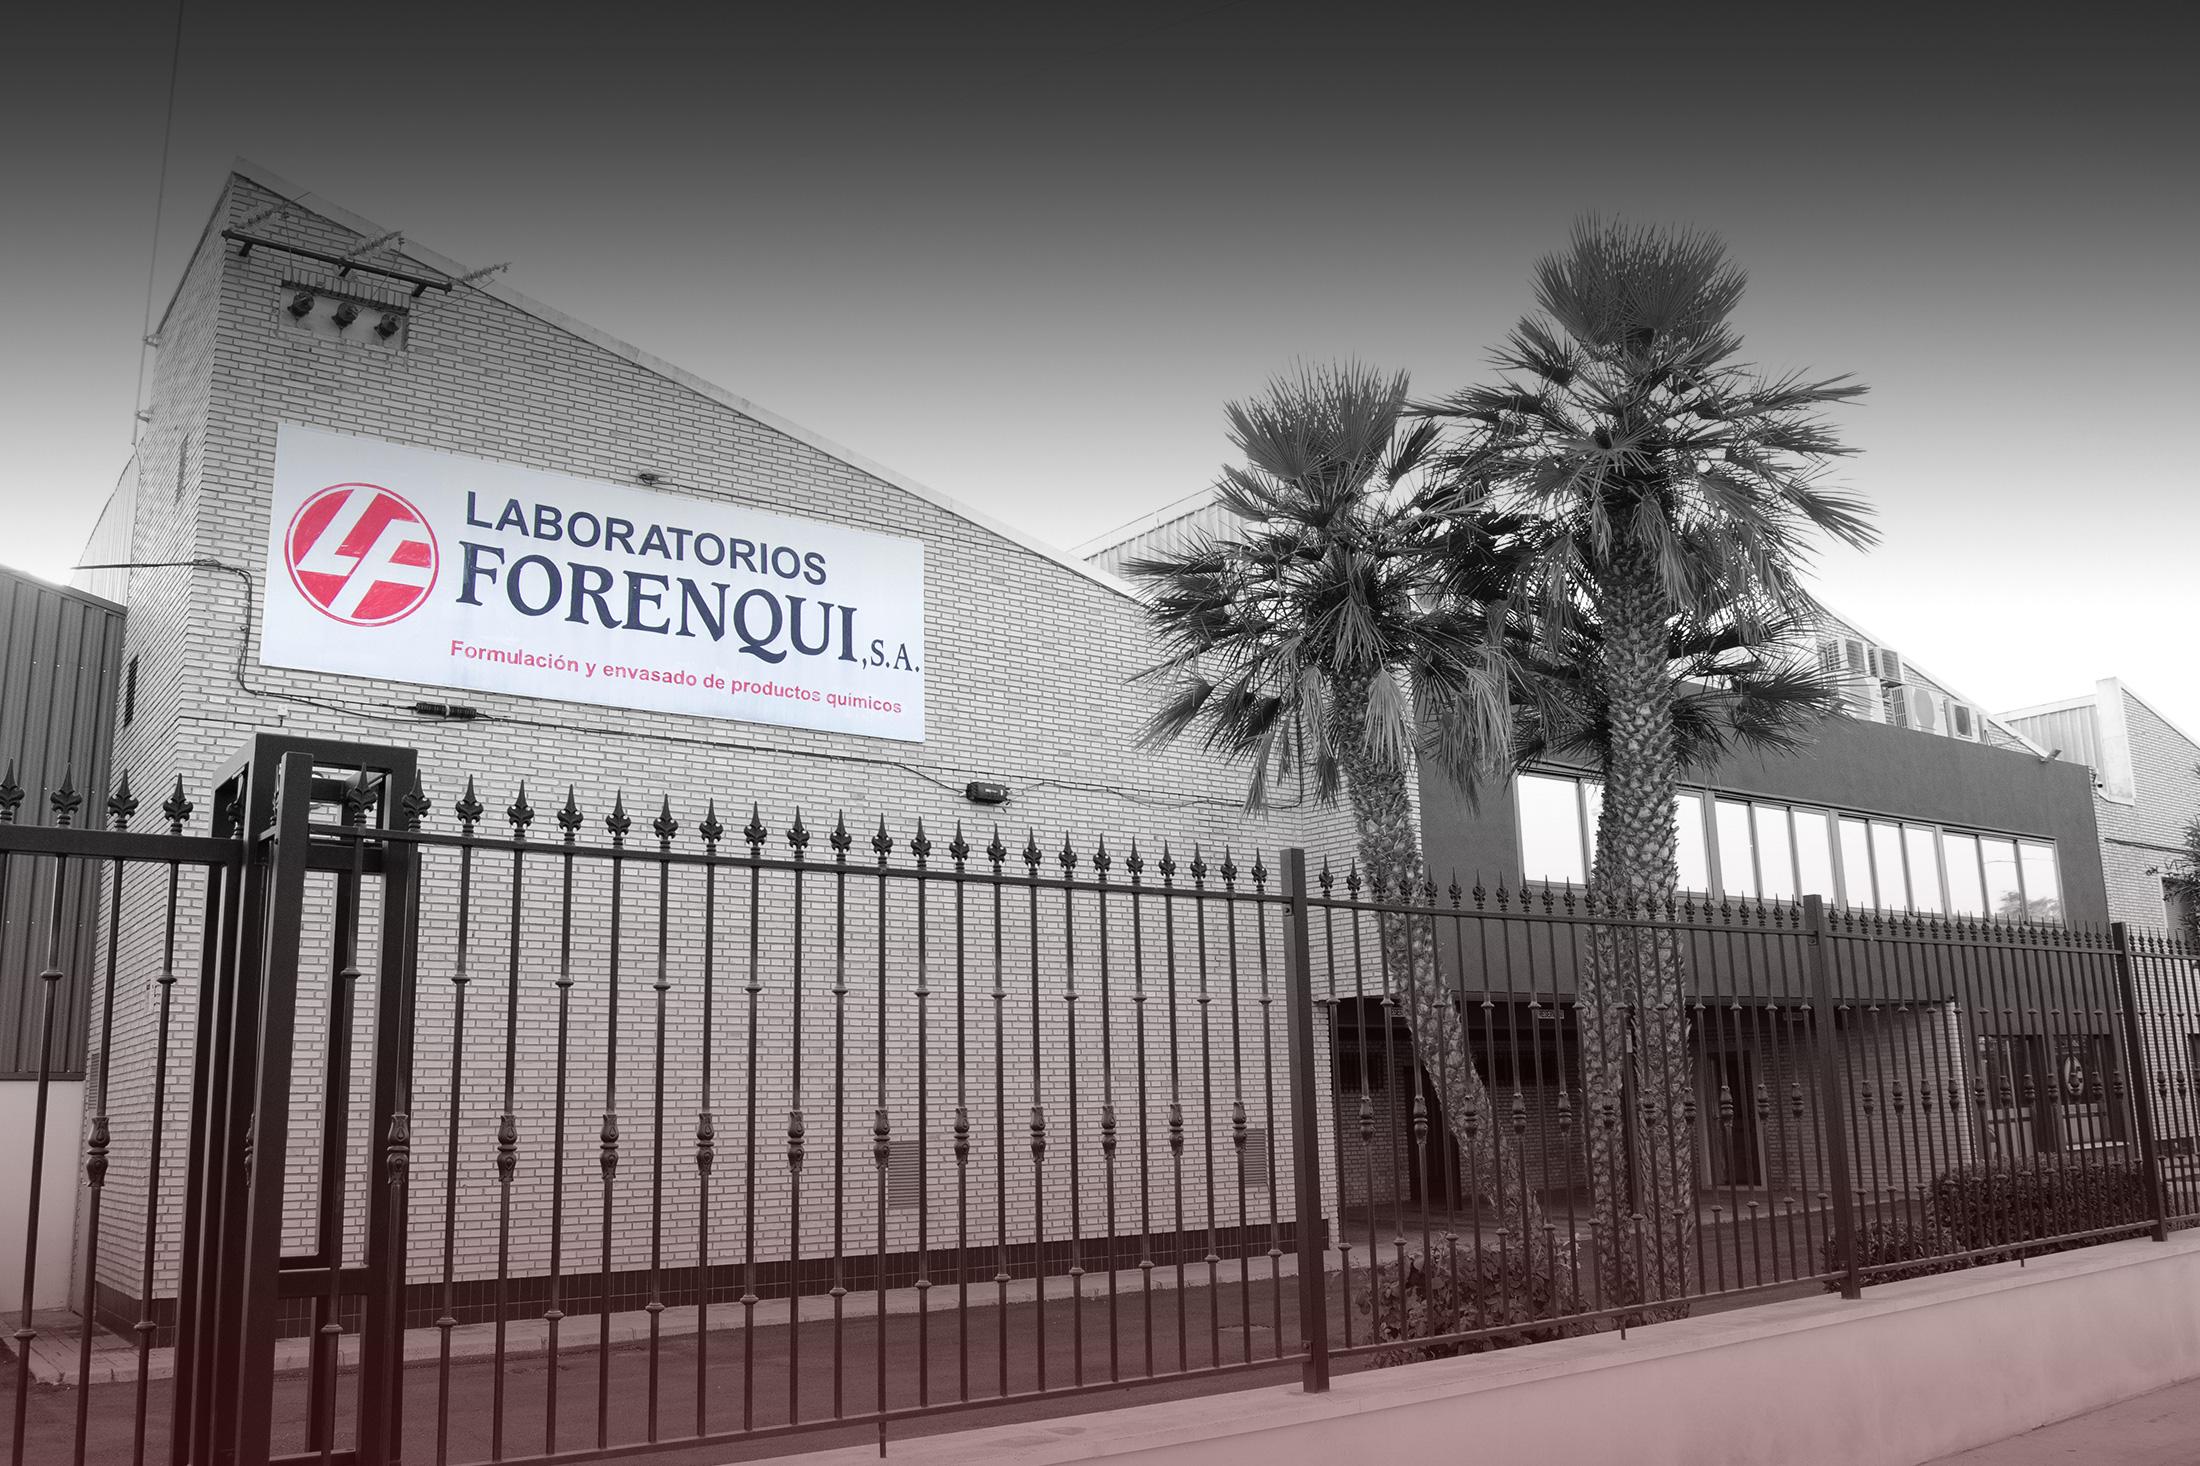 fachada-oficinas-laboratorios-forenqui